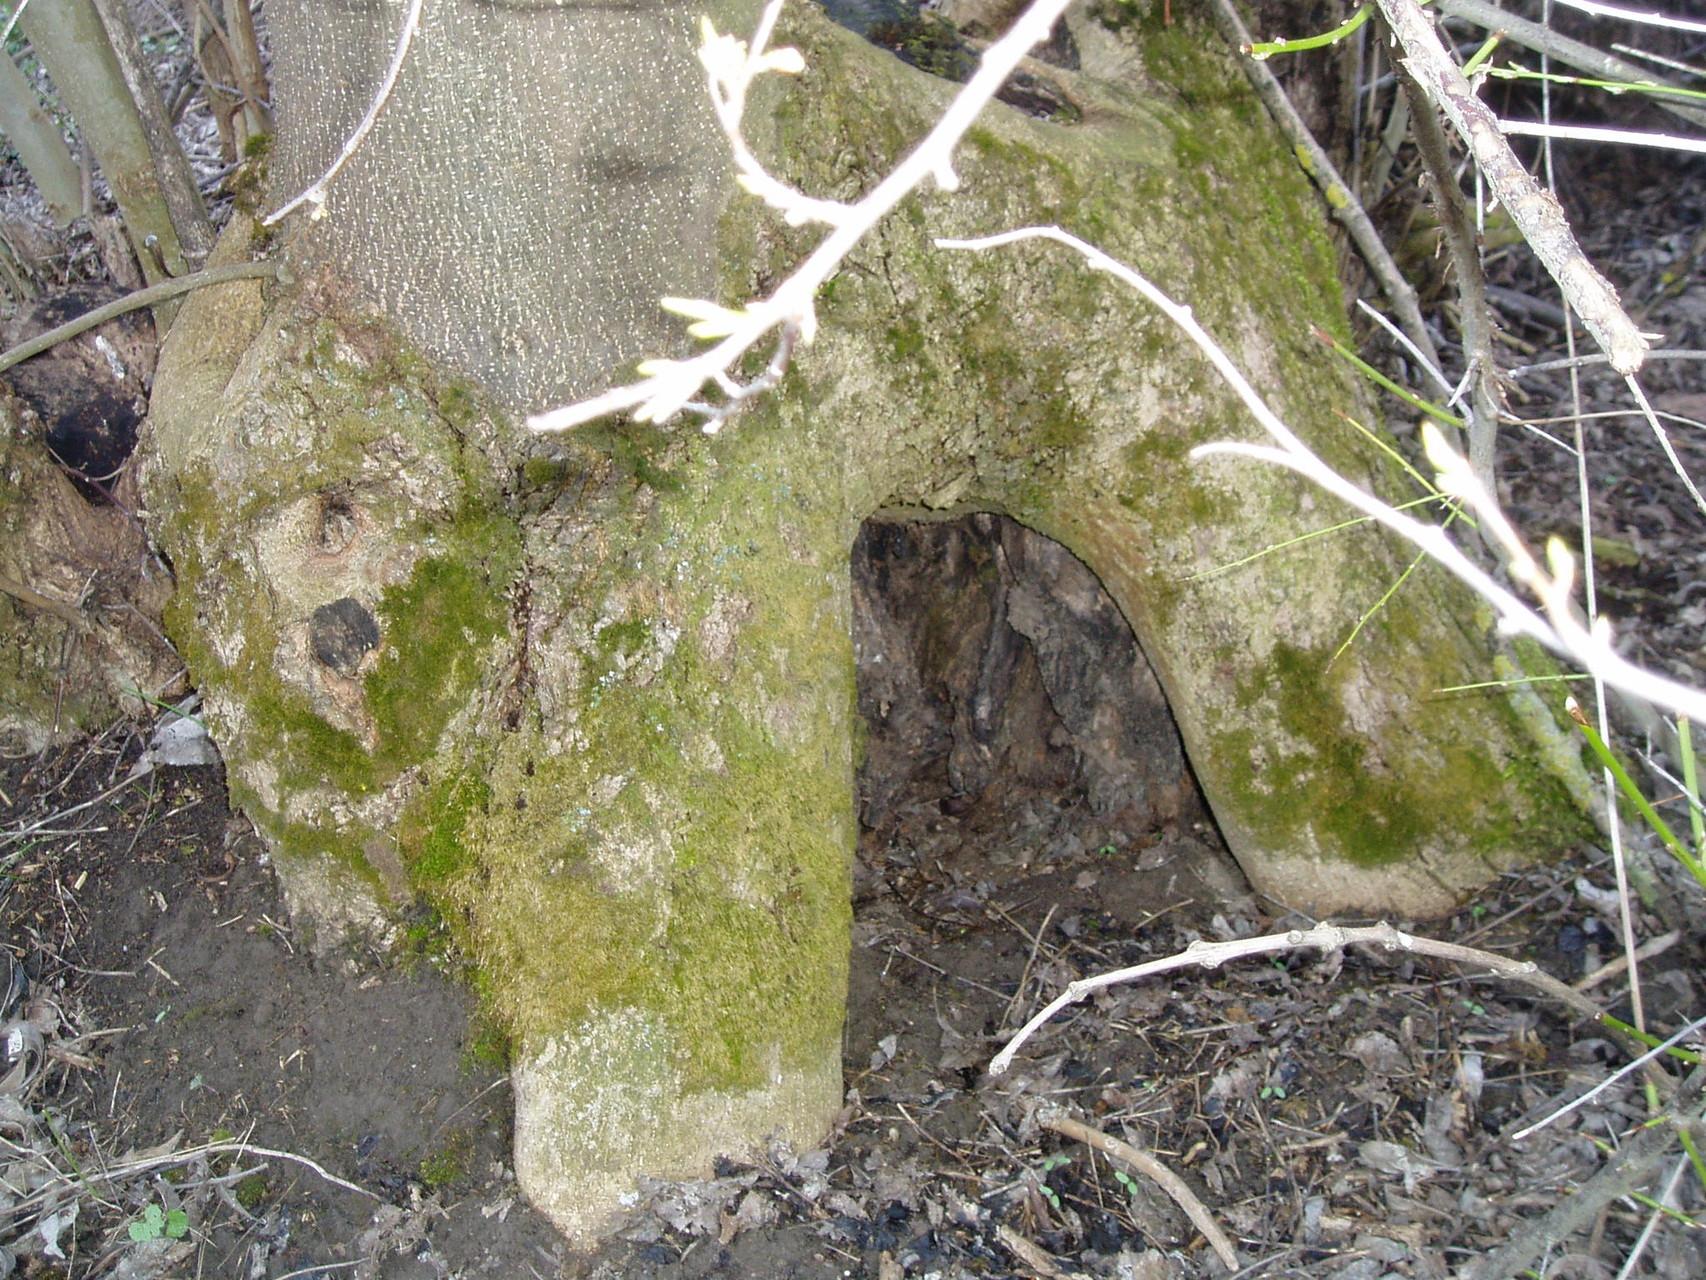 Höhle für die Waldwesen im Fuß der Bäume